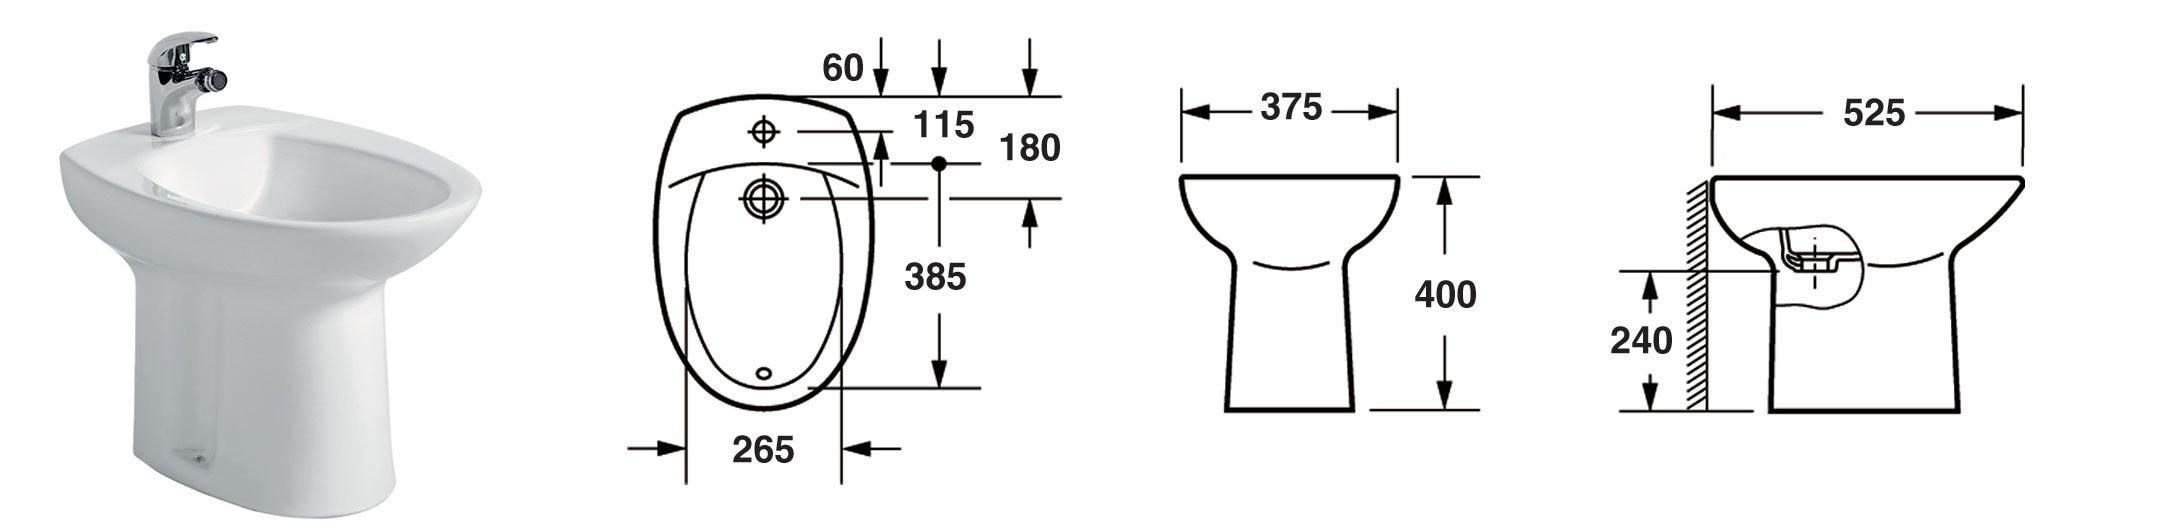 Bagno completo set sanitari in ceramica vaso coprivaso - Set sanitari bagno ...